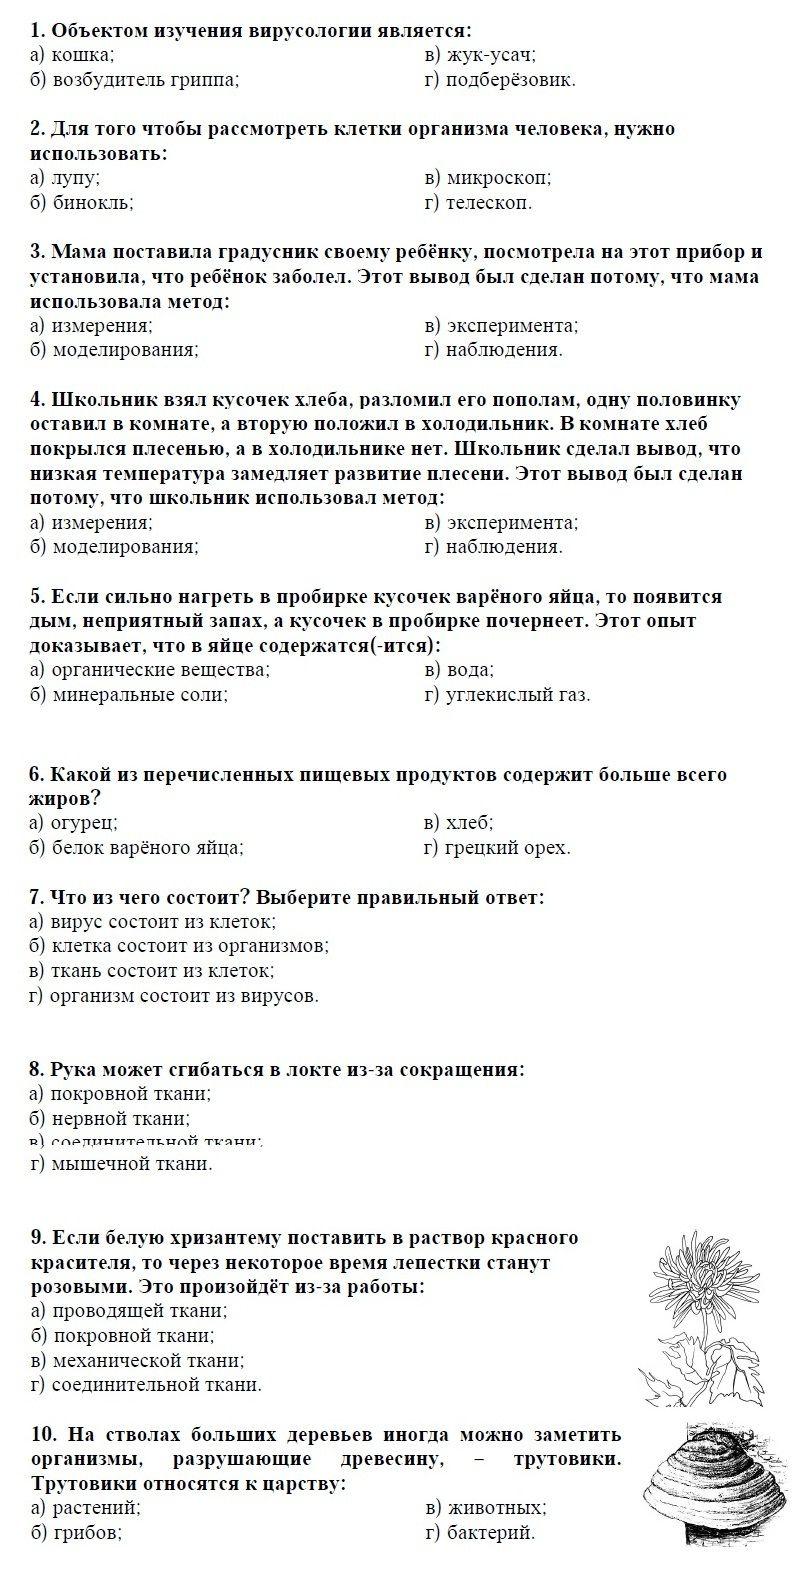 Гдз по физике г.я. мякишев